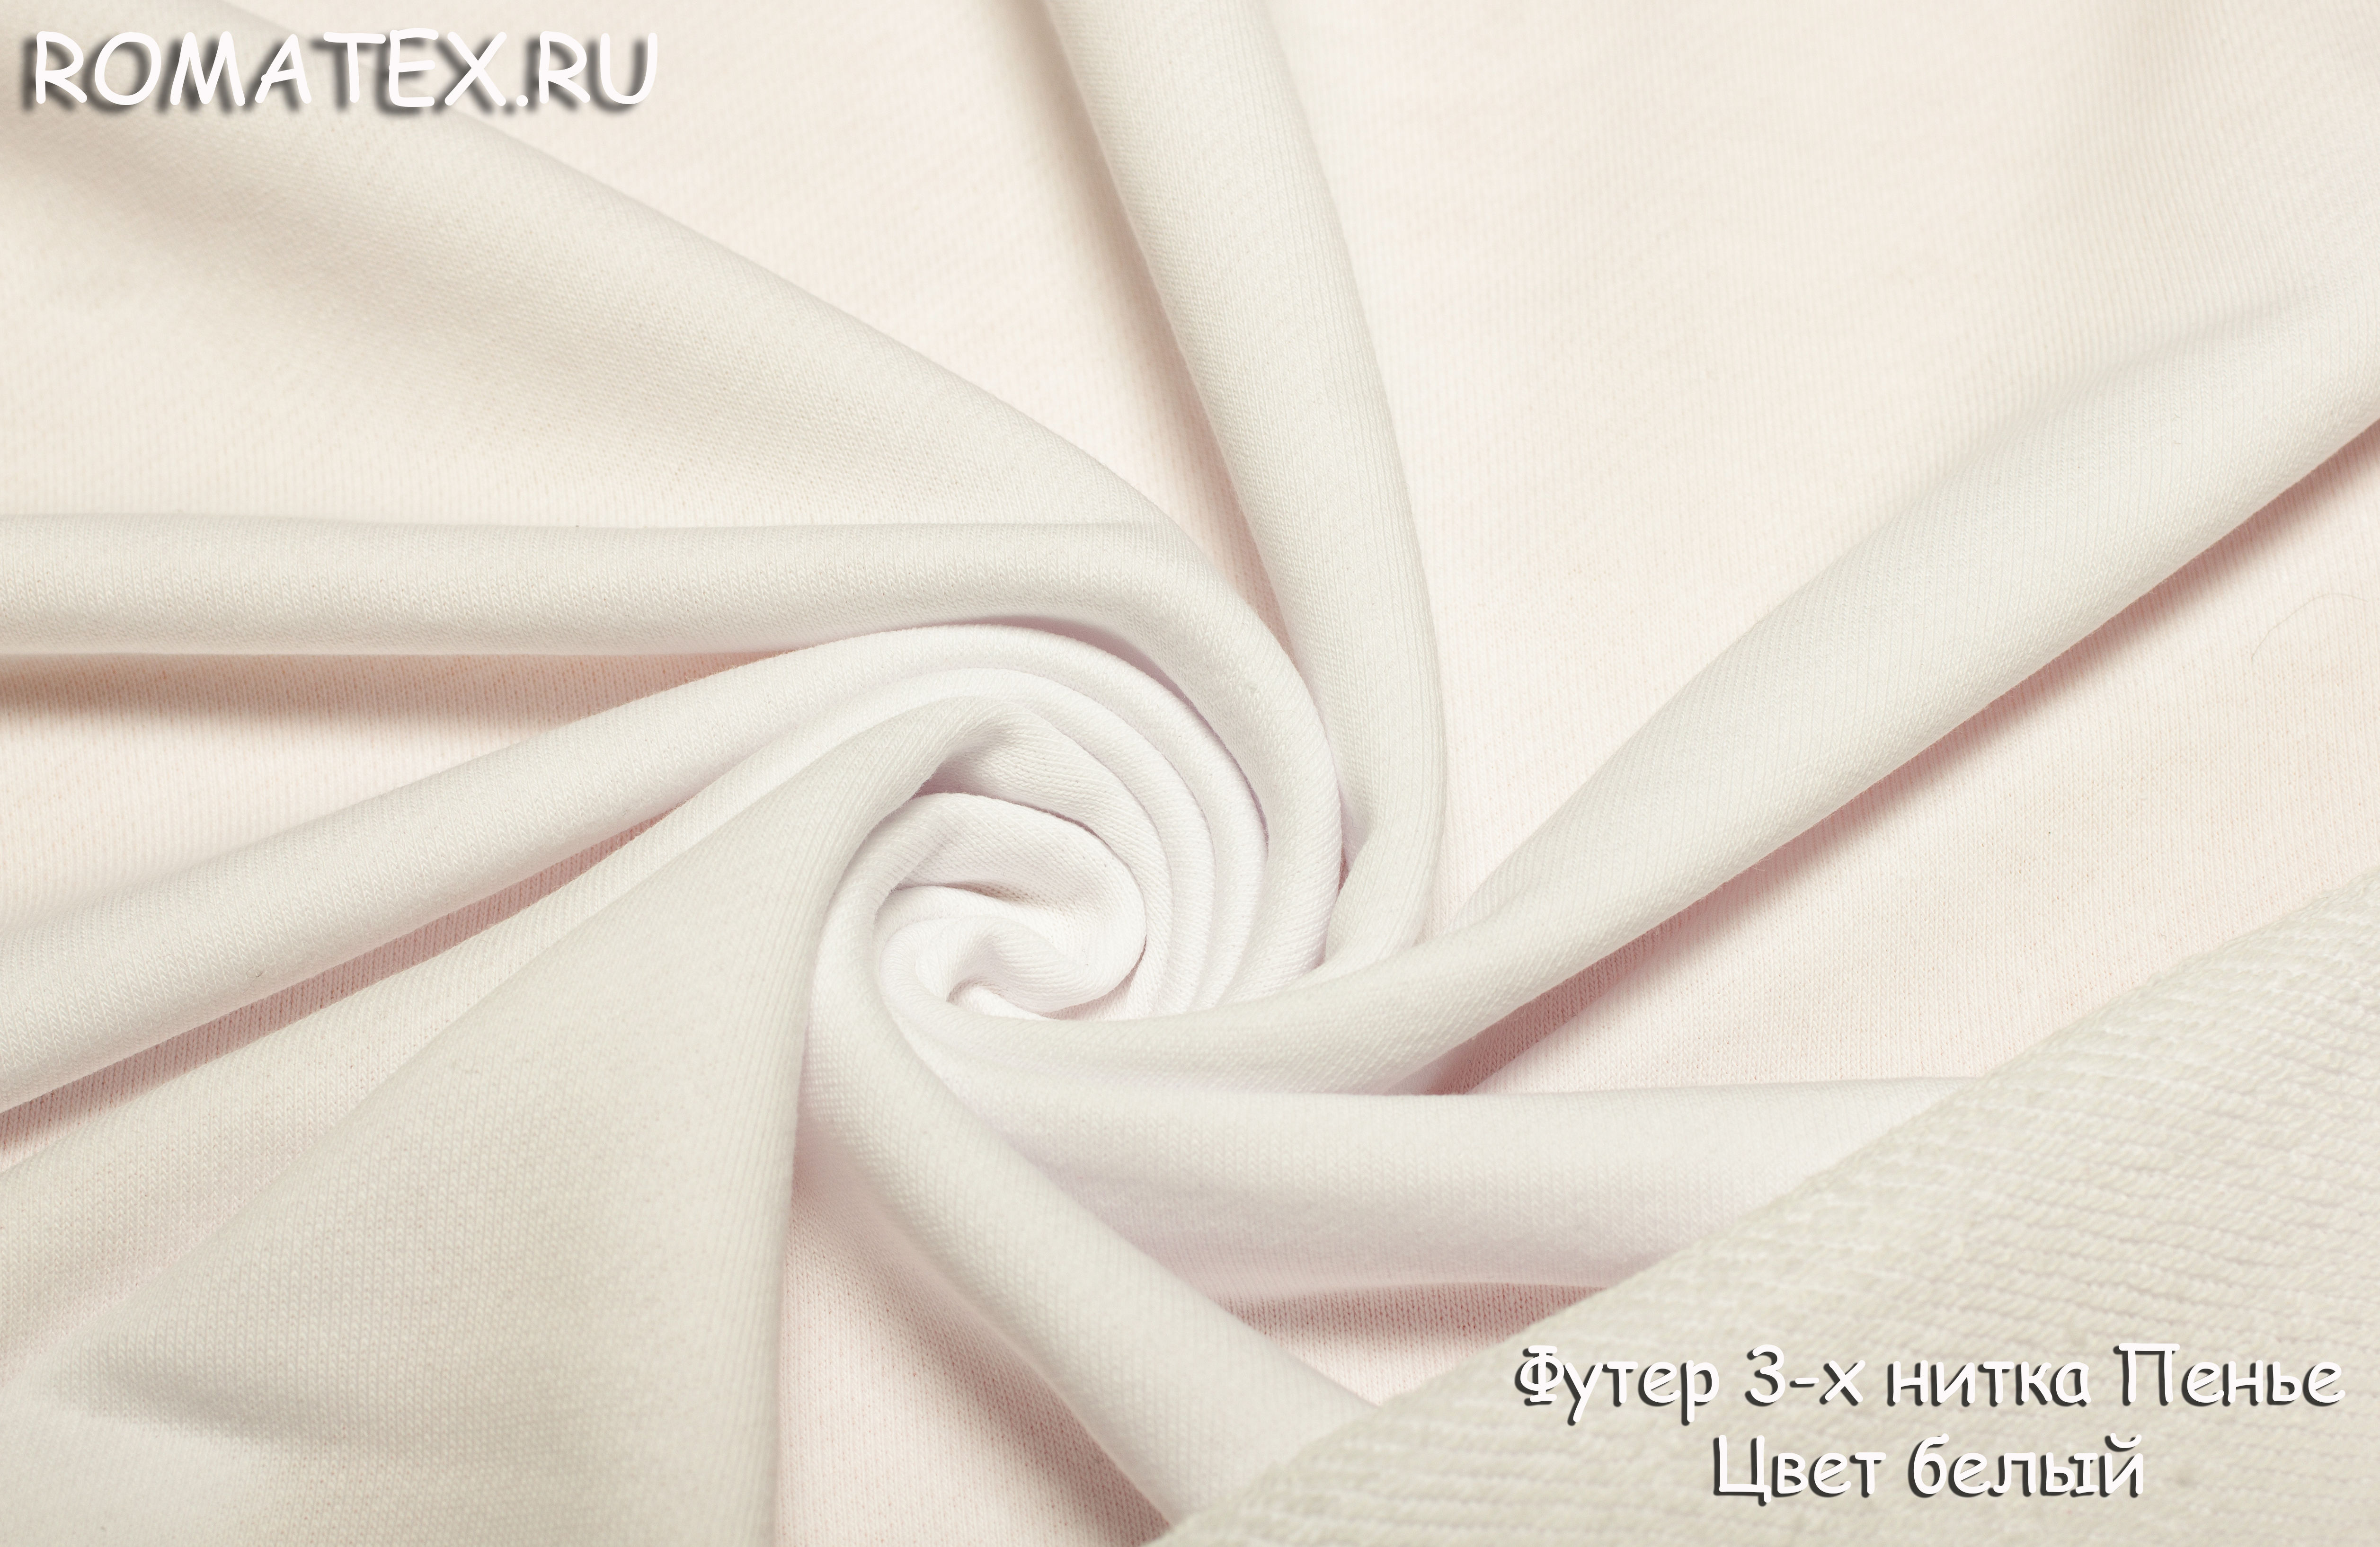 Футер 3-х нитка петля качество Компак пенье цвет белый